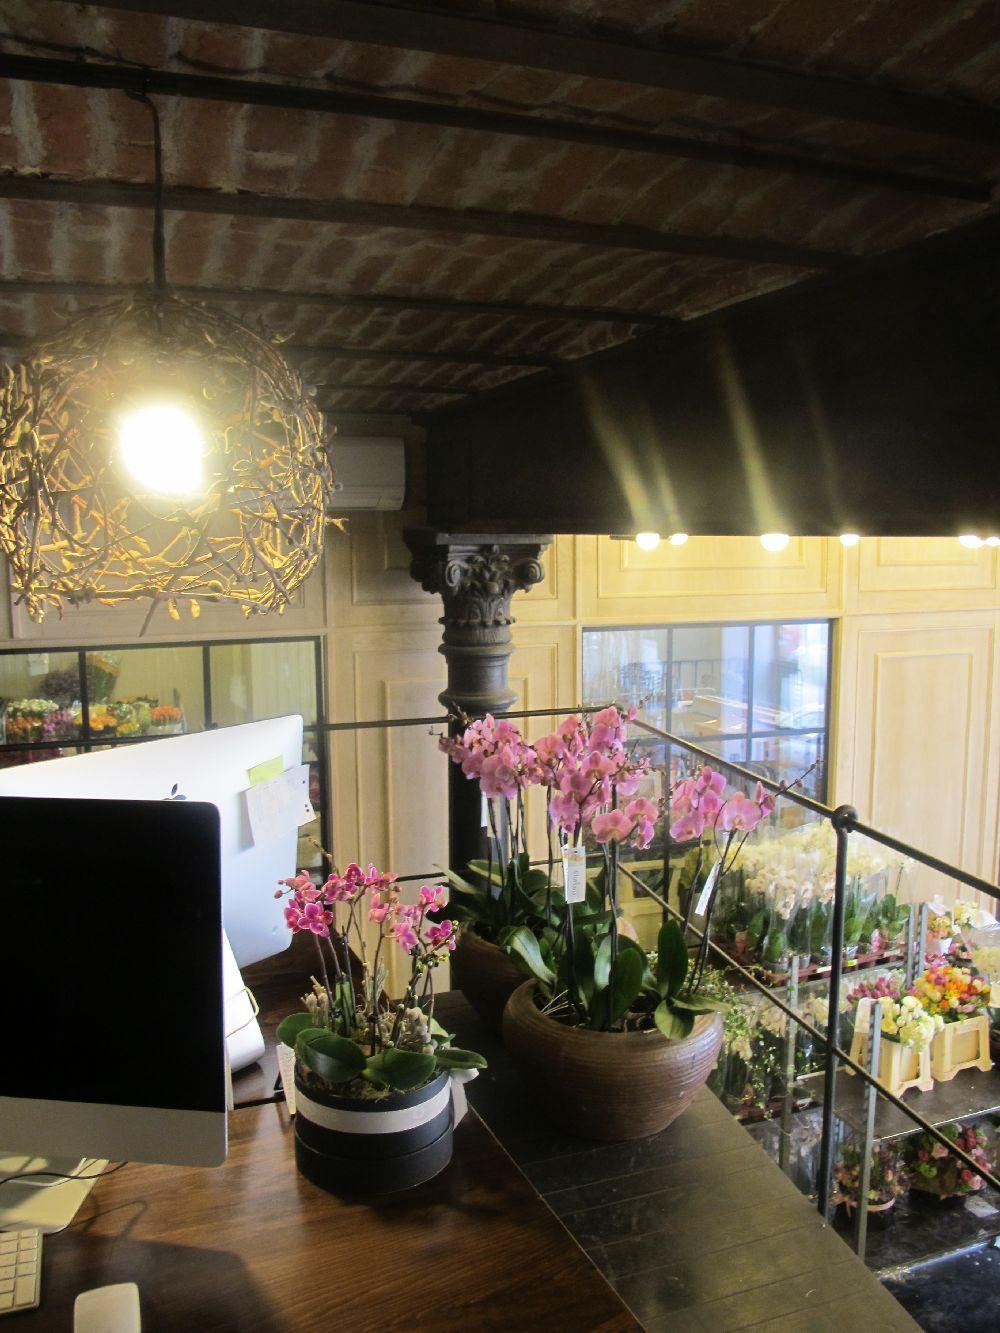 adelaparvu.com despre atelierul designerului florist Nicu Bocancea, Foraria Iris, design interior Pascal Delmotte (34)